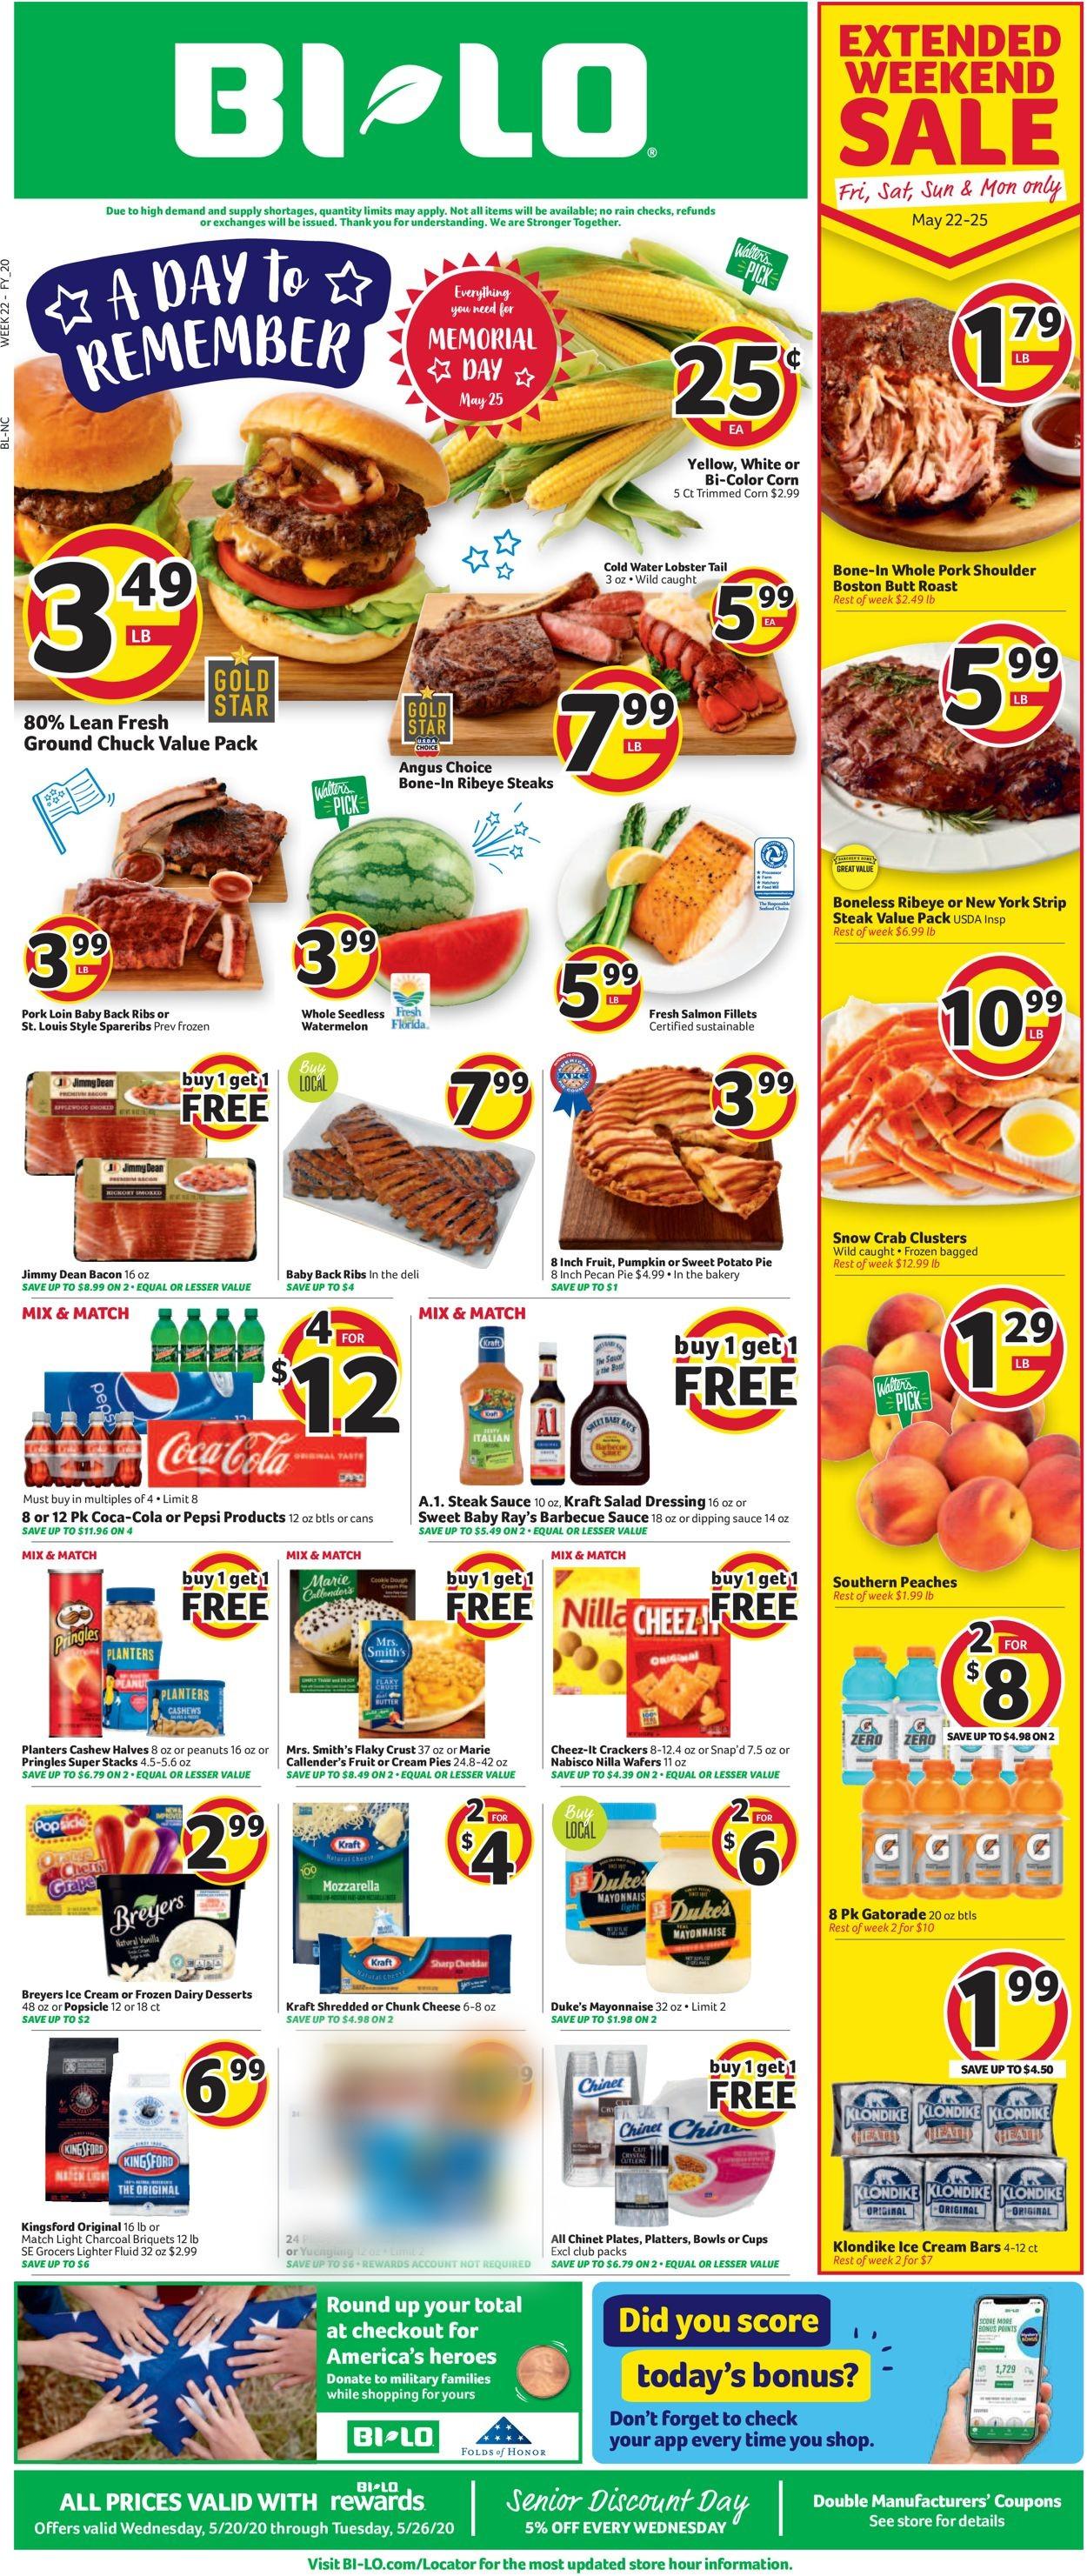 BI-LO Weekly Ad Circular - valid 05/20-05/26/2020